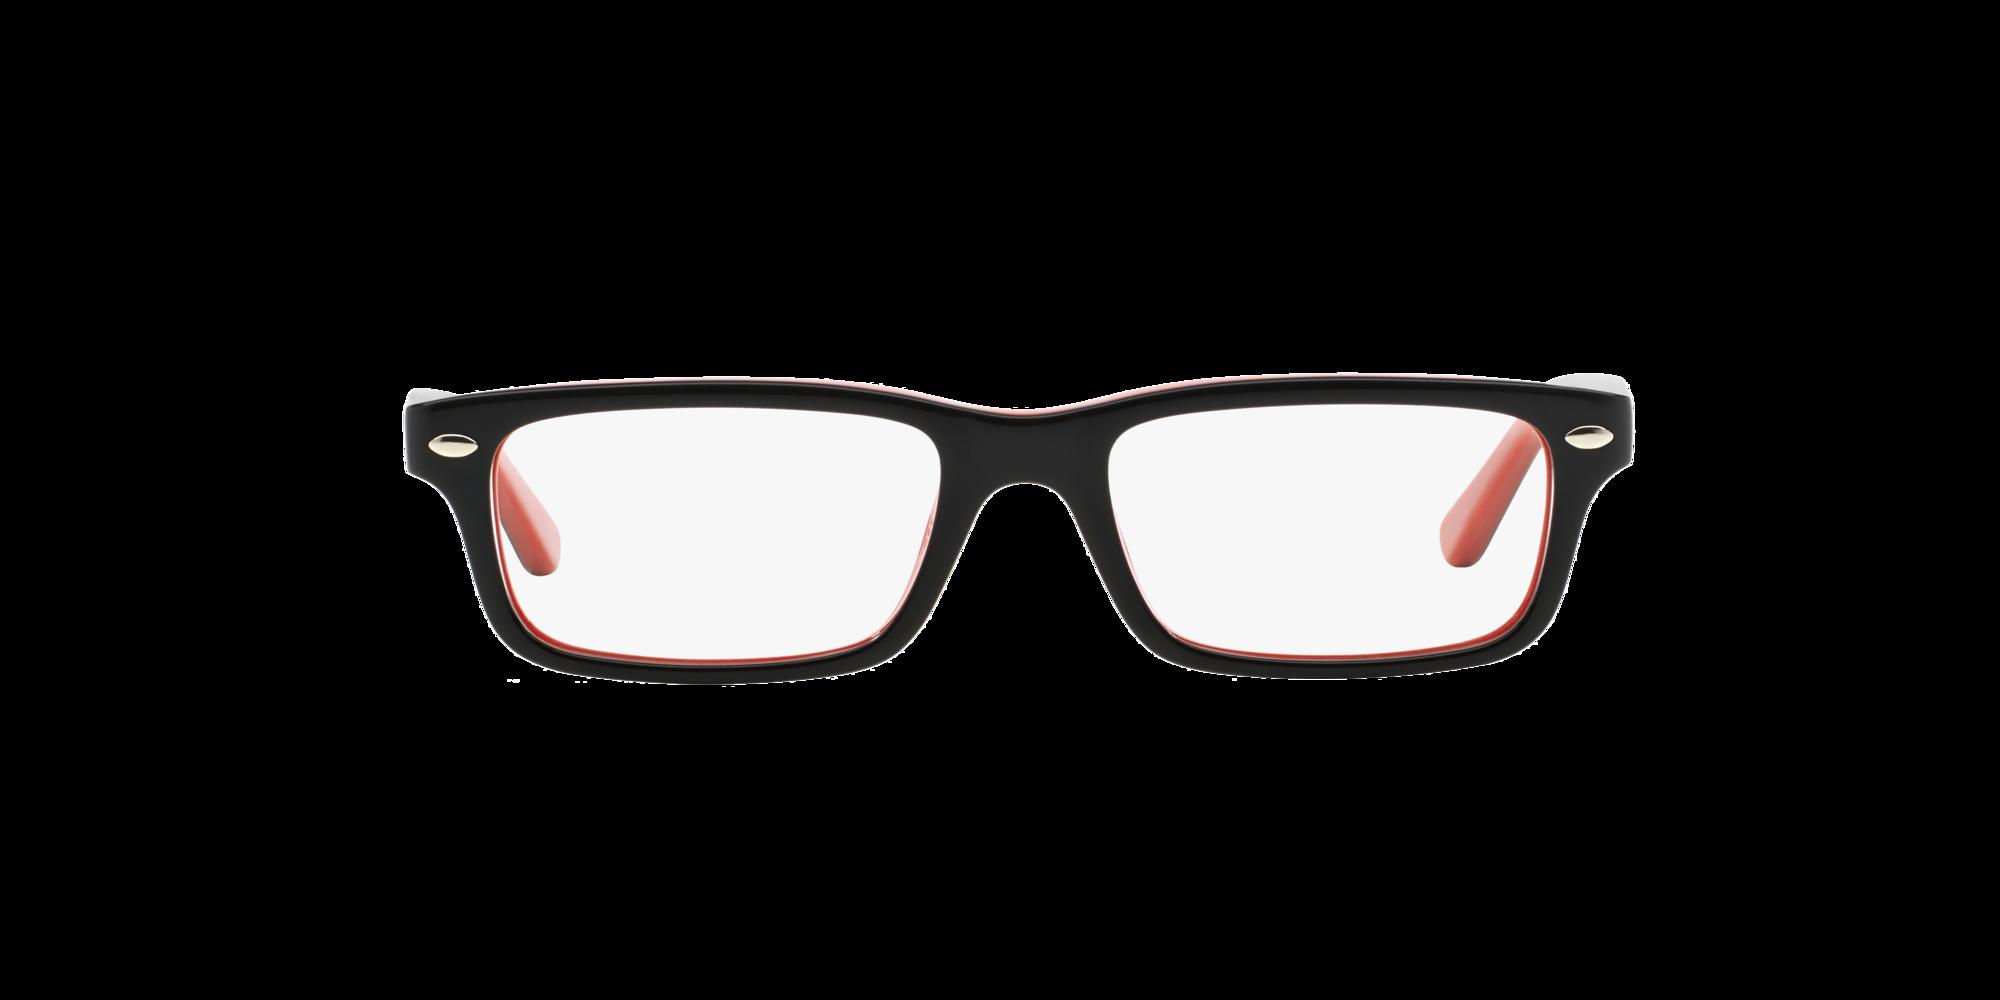 18c2660190ffa Ripley - Armazón óptico Ray Ban Junior RY1535 Top Black On Red (Producto  para Niños)